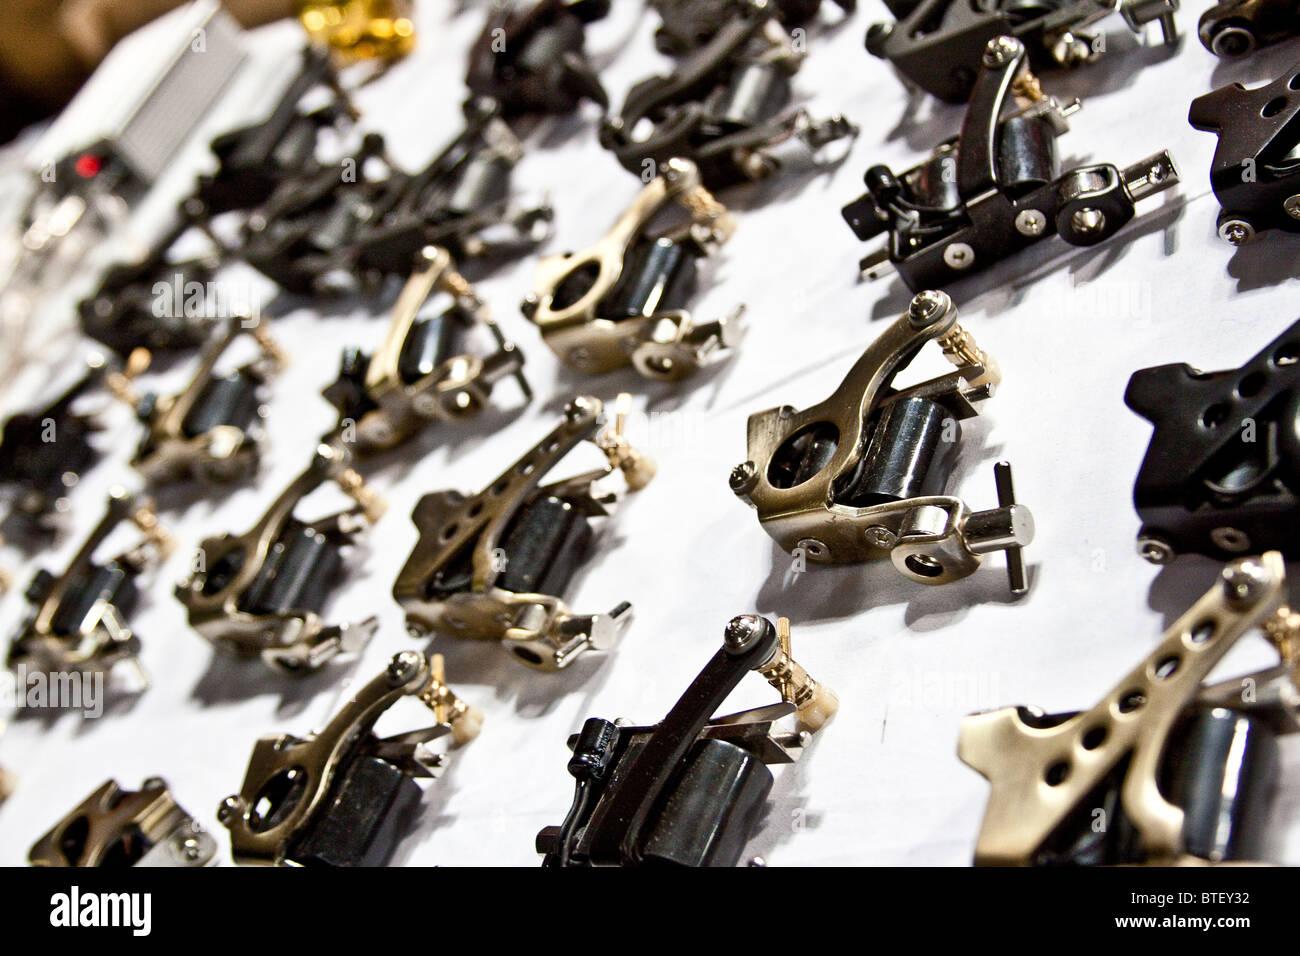 Aquí hay un patrón hecho fresco al distribuir de manera uniforme varias pistolas tatuaje, en una tabla. Imagen De Stock